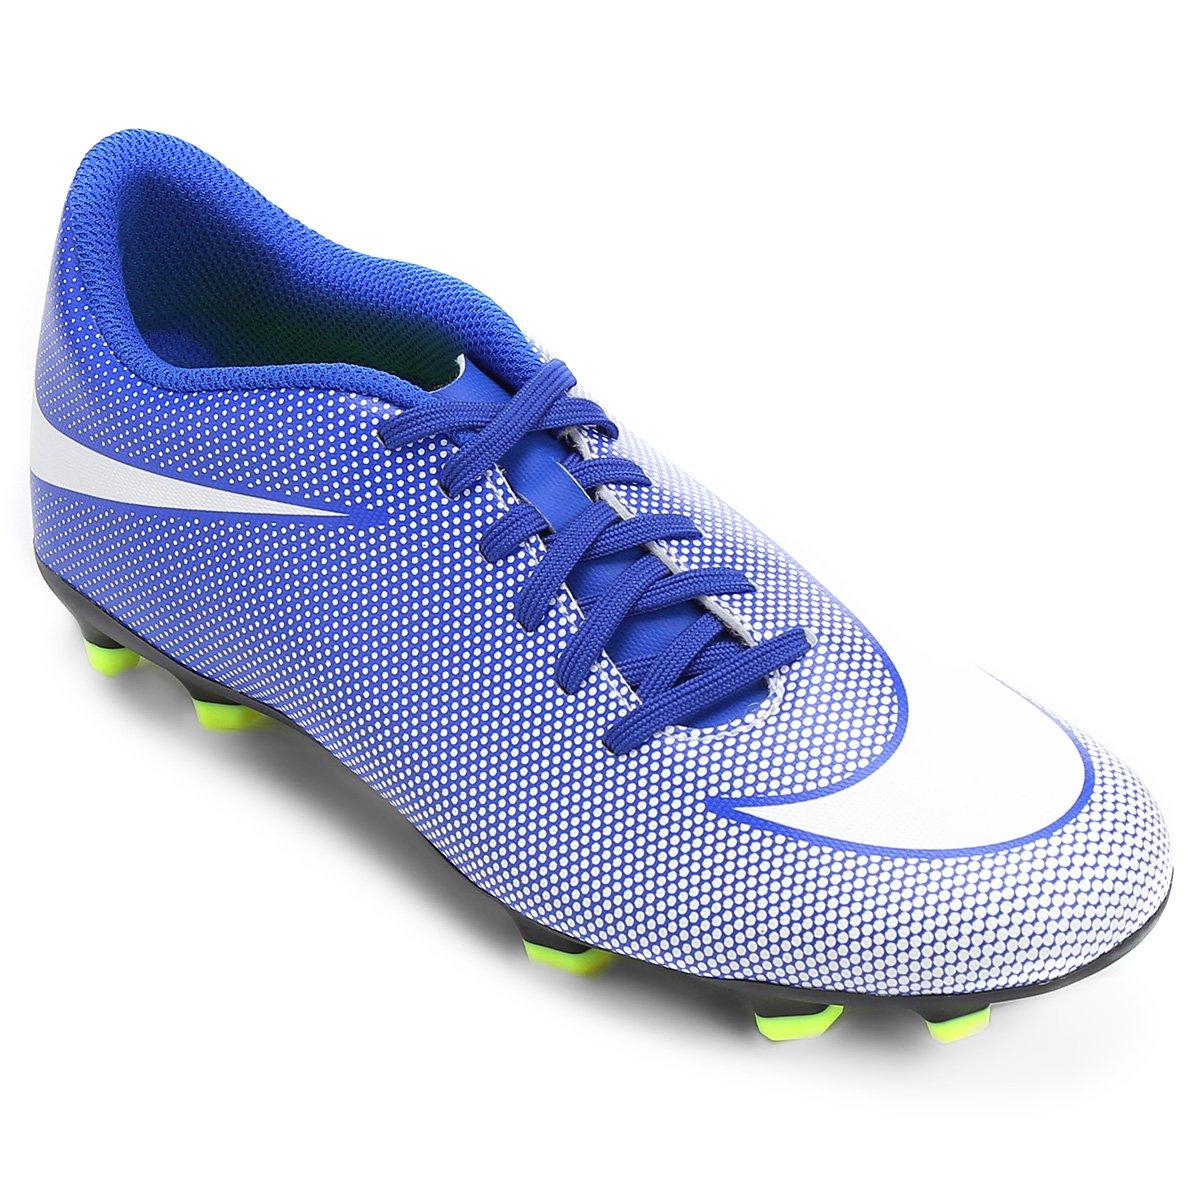 0a3624c9912f2 Chuteira Campo Nike Bravata 2 FG - Azul e Branco | Loja do Inter